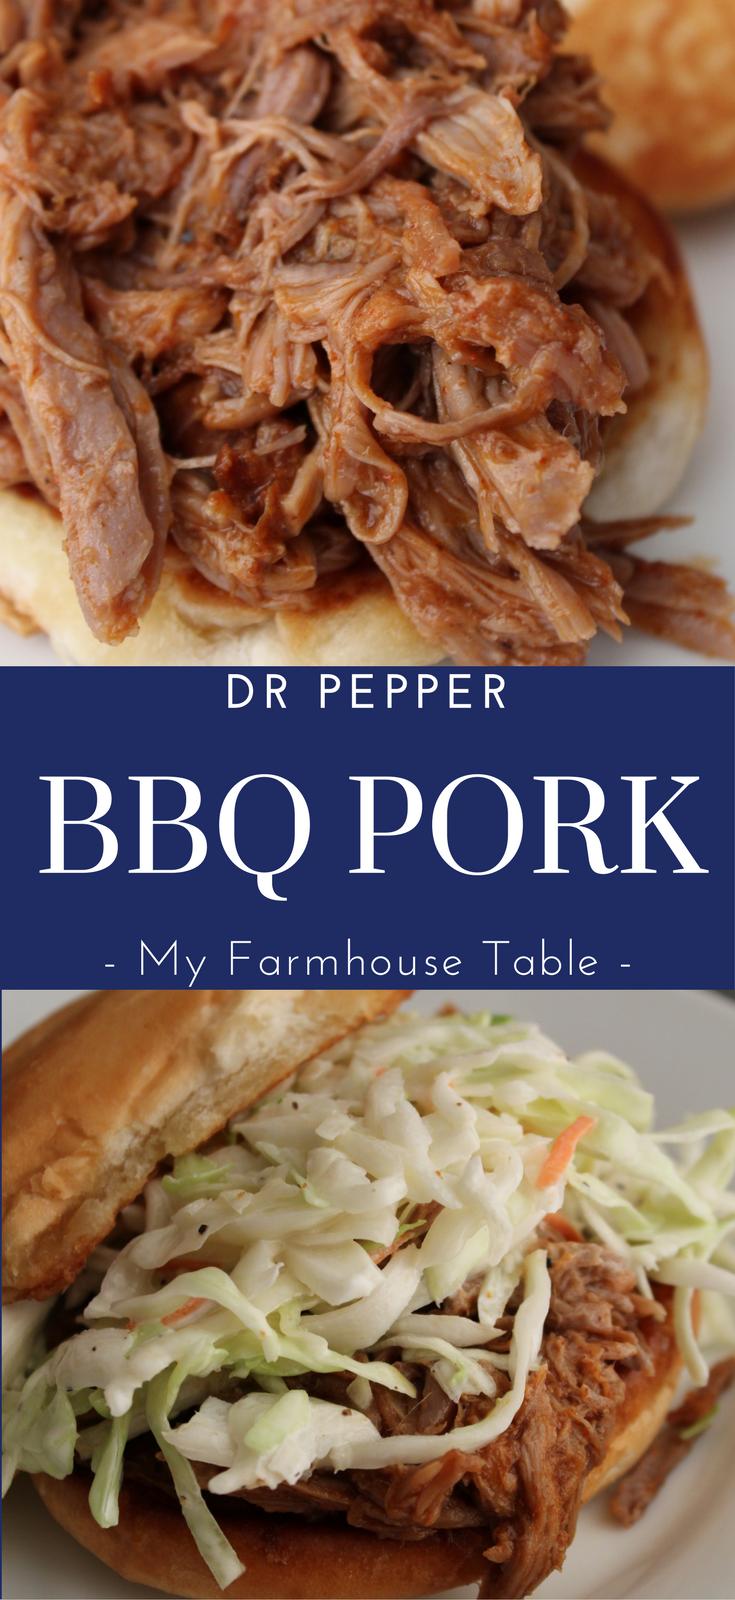 Dr Pepper BBQ Pork My Farmhouse Table Crockpot